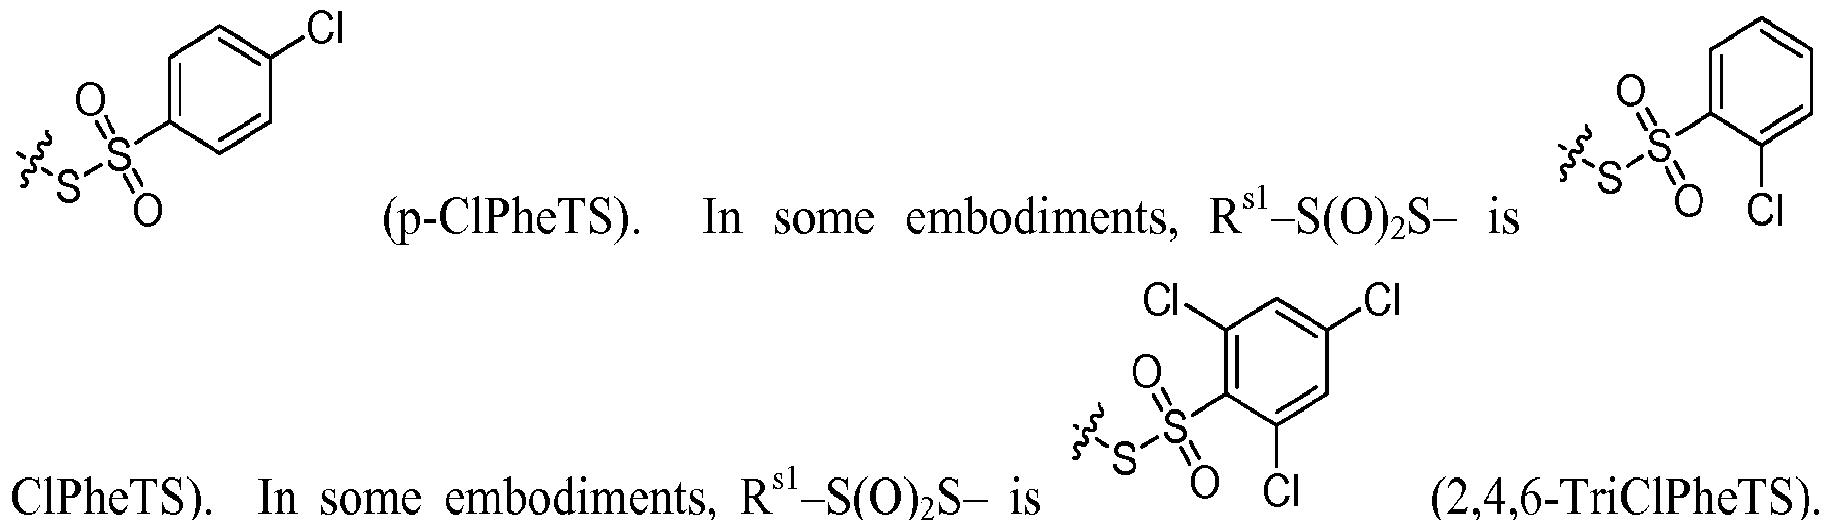 Figure imgf000254_0002